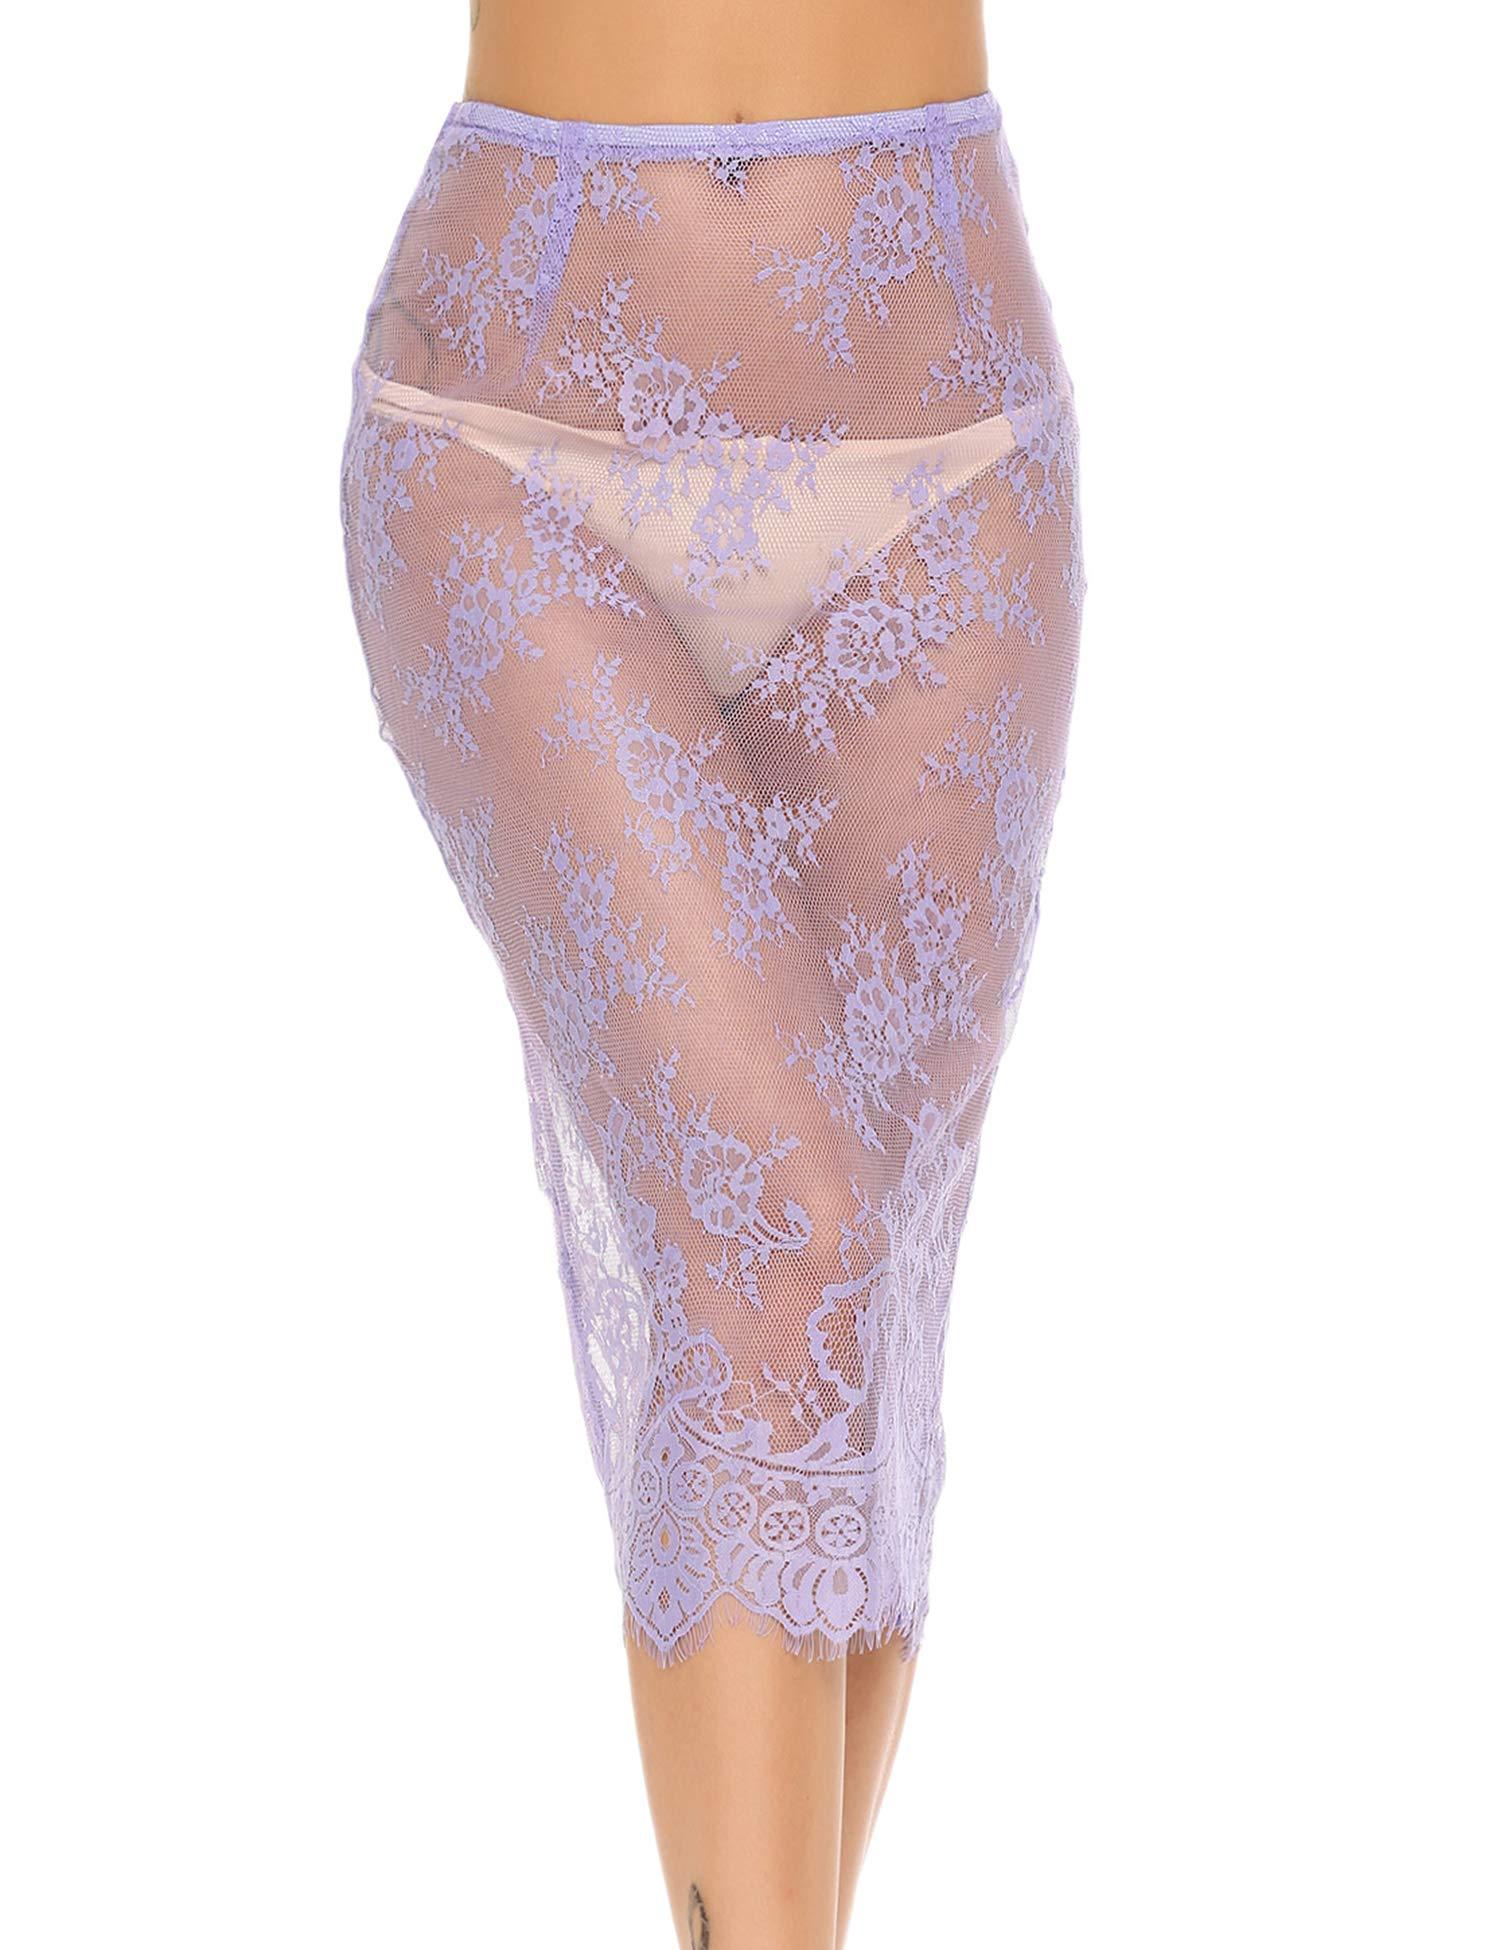 Avidlove Women Lingerie Half Slips Lace Skirt Extender Underskirt Long